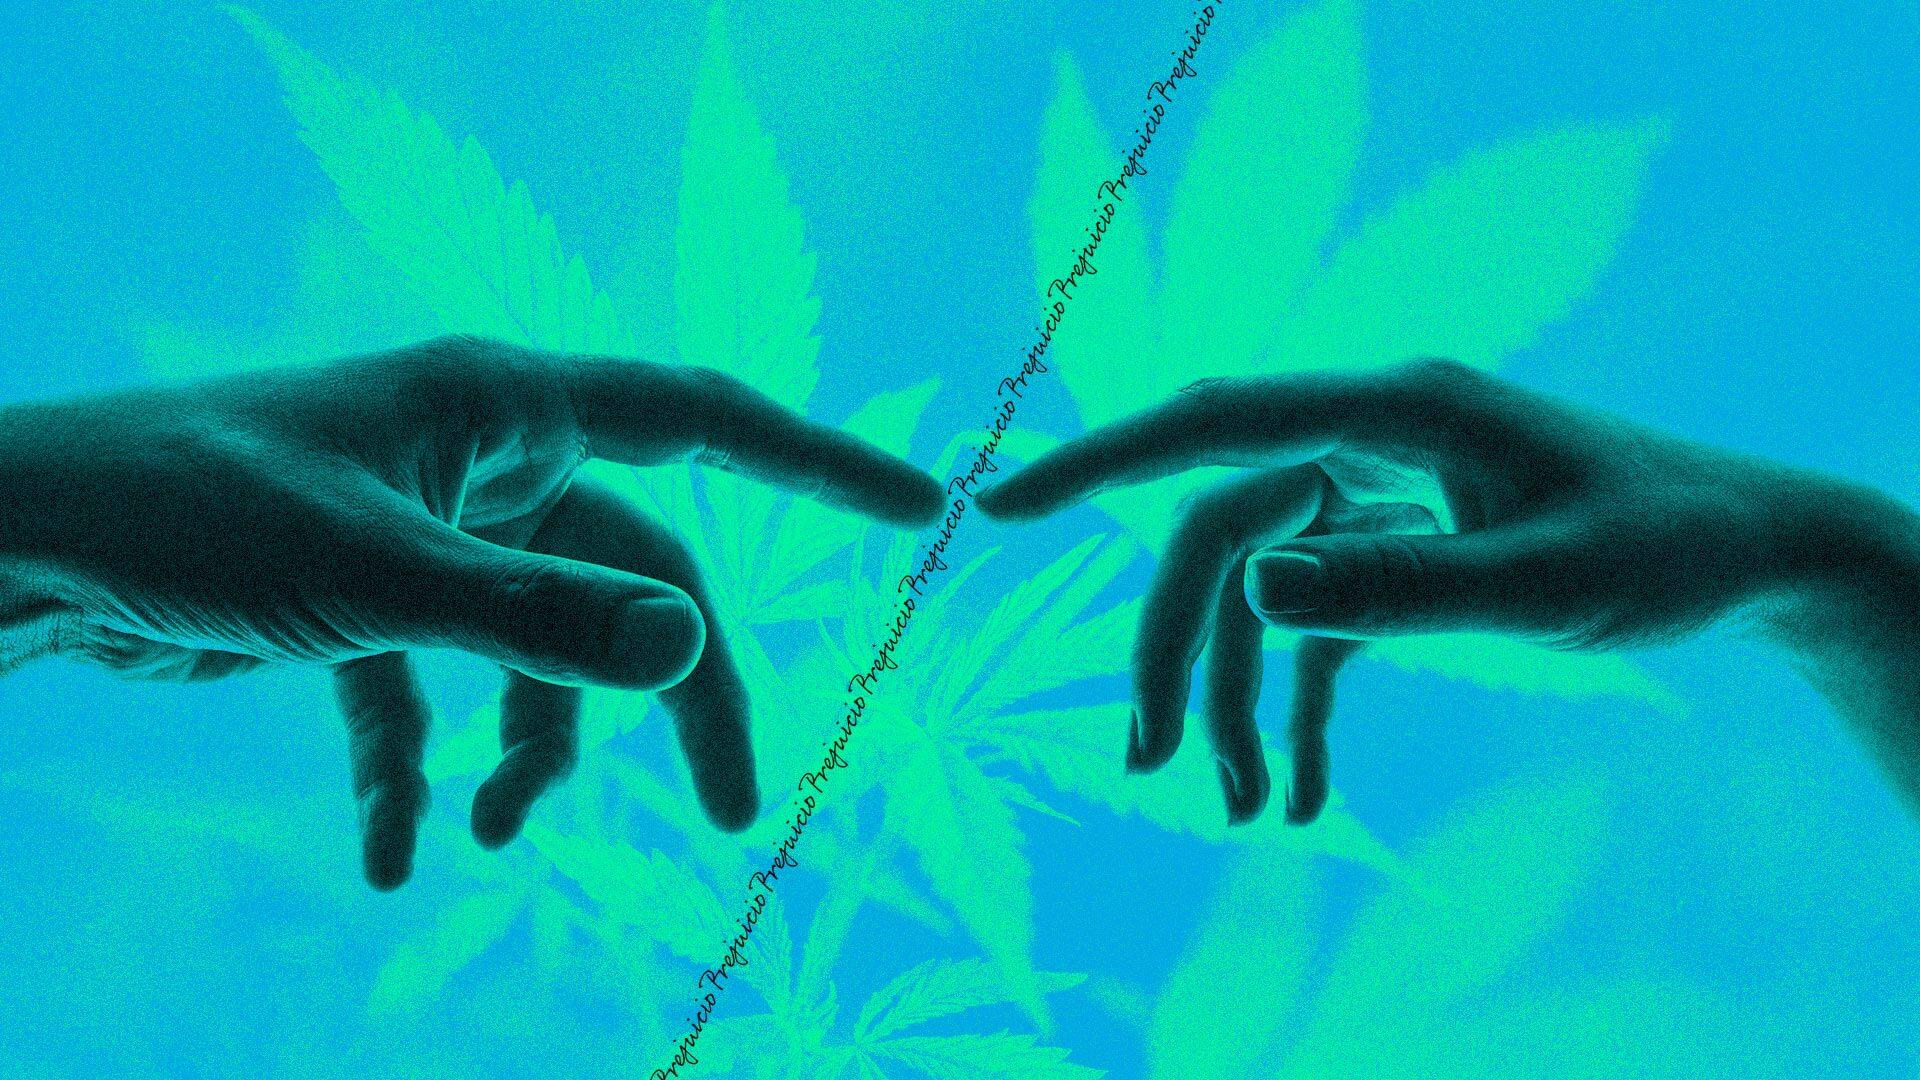 Mientras en EE.UU. avanza la legalización de la marihuana, en Colombia nos volvimos a estancar